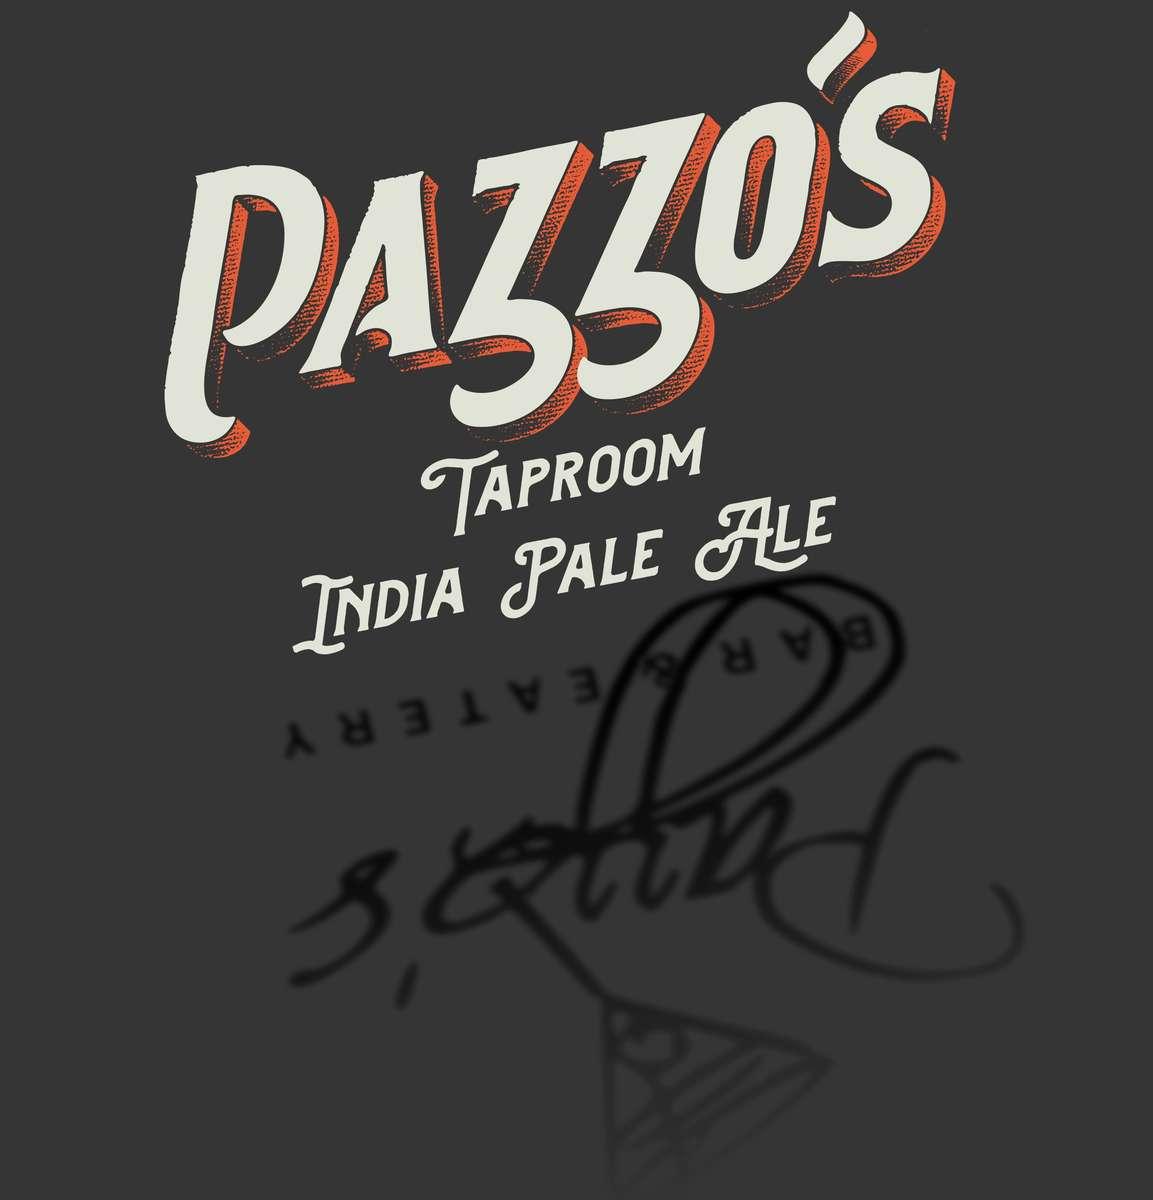 Pazzo's Tap Room IPA